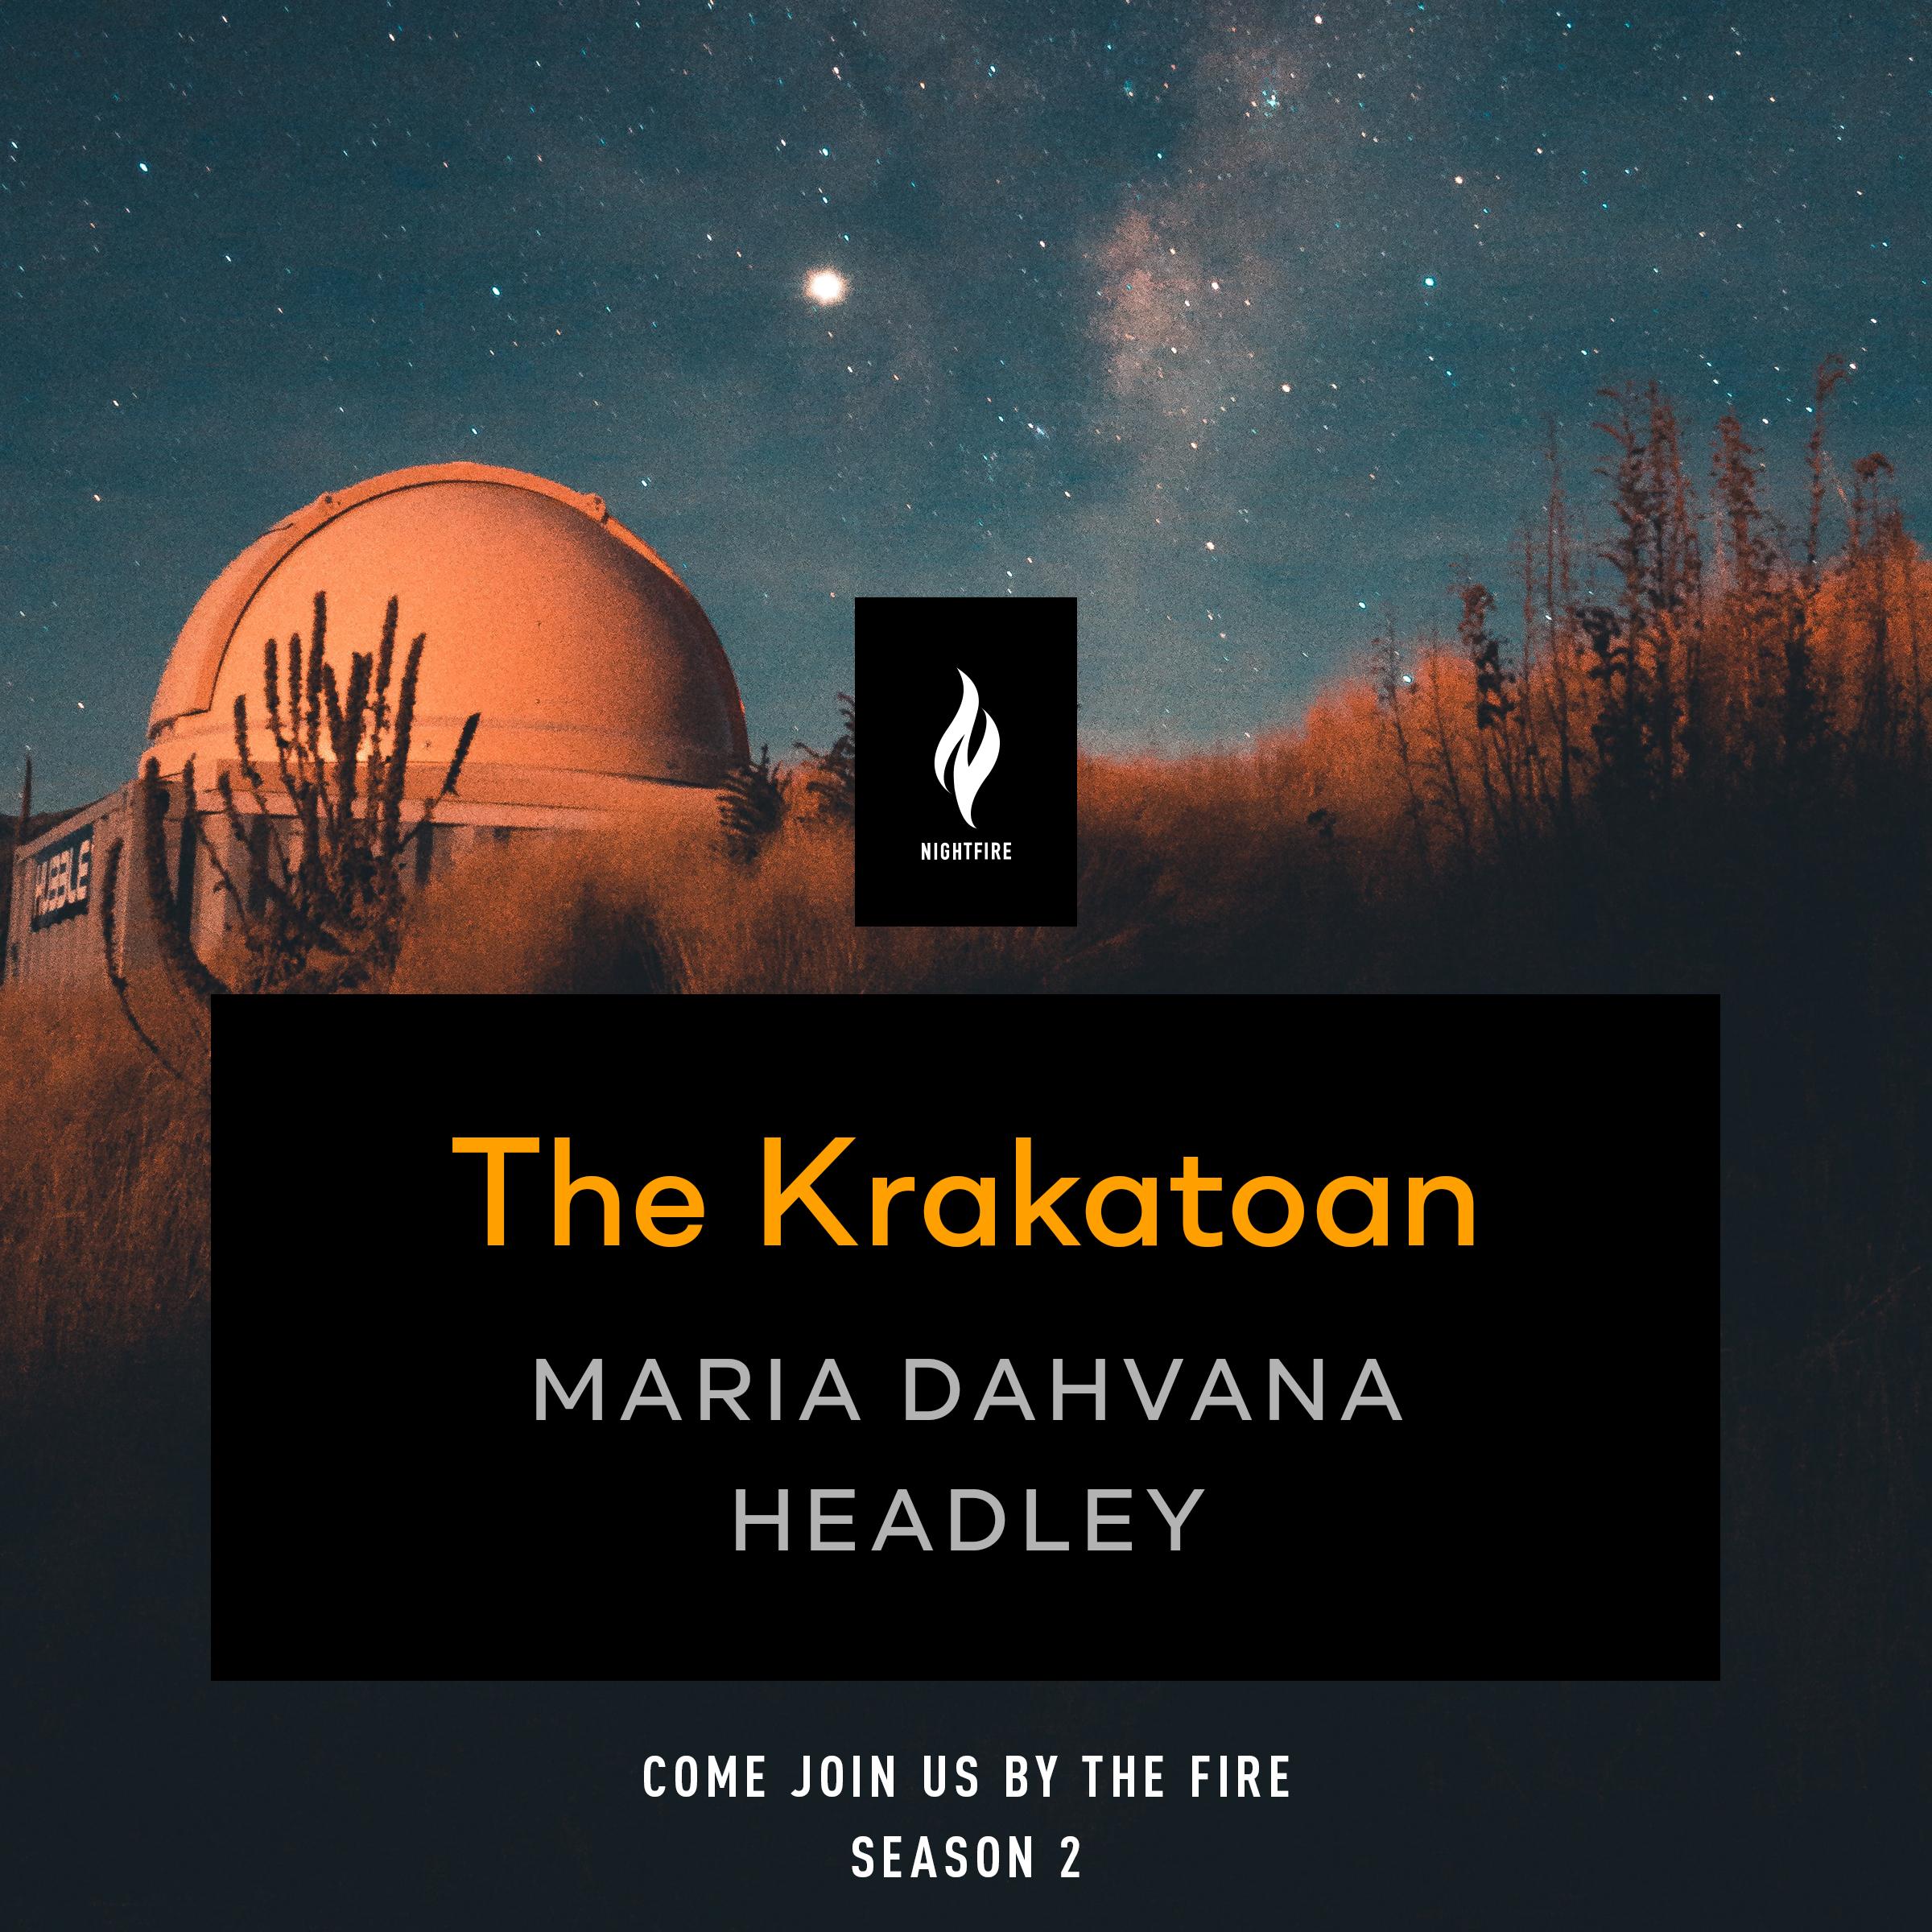 Krakatoan_Headley